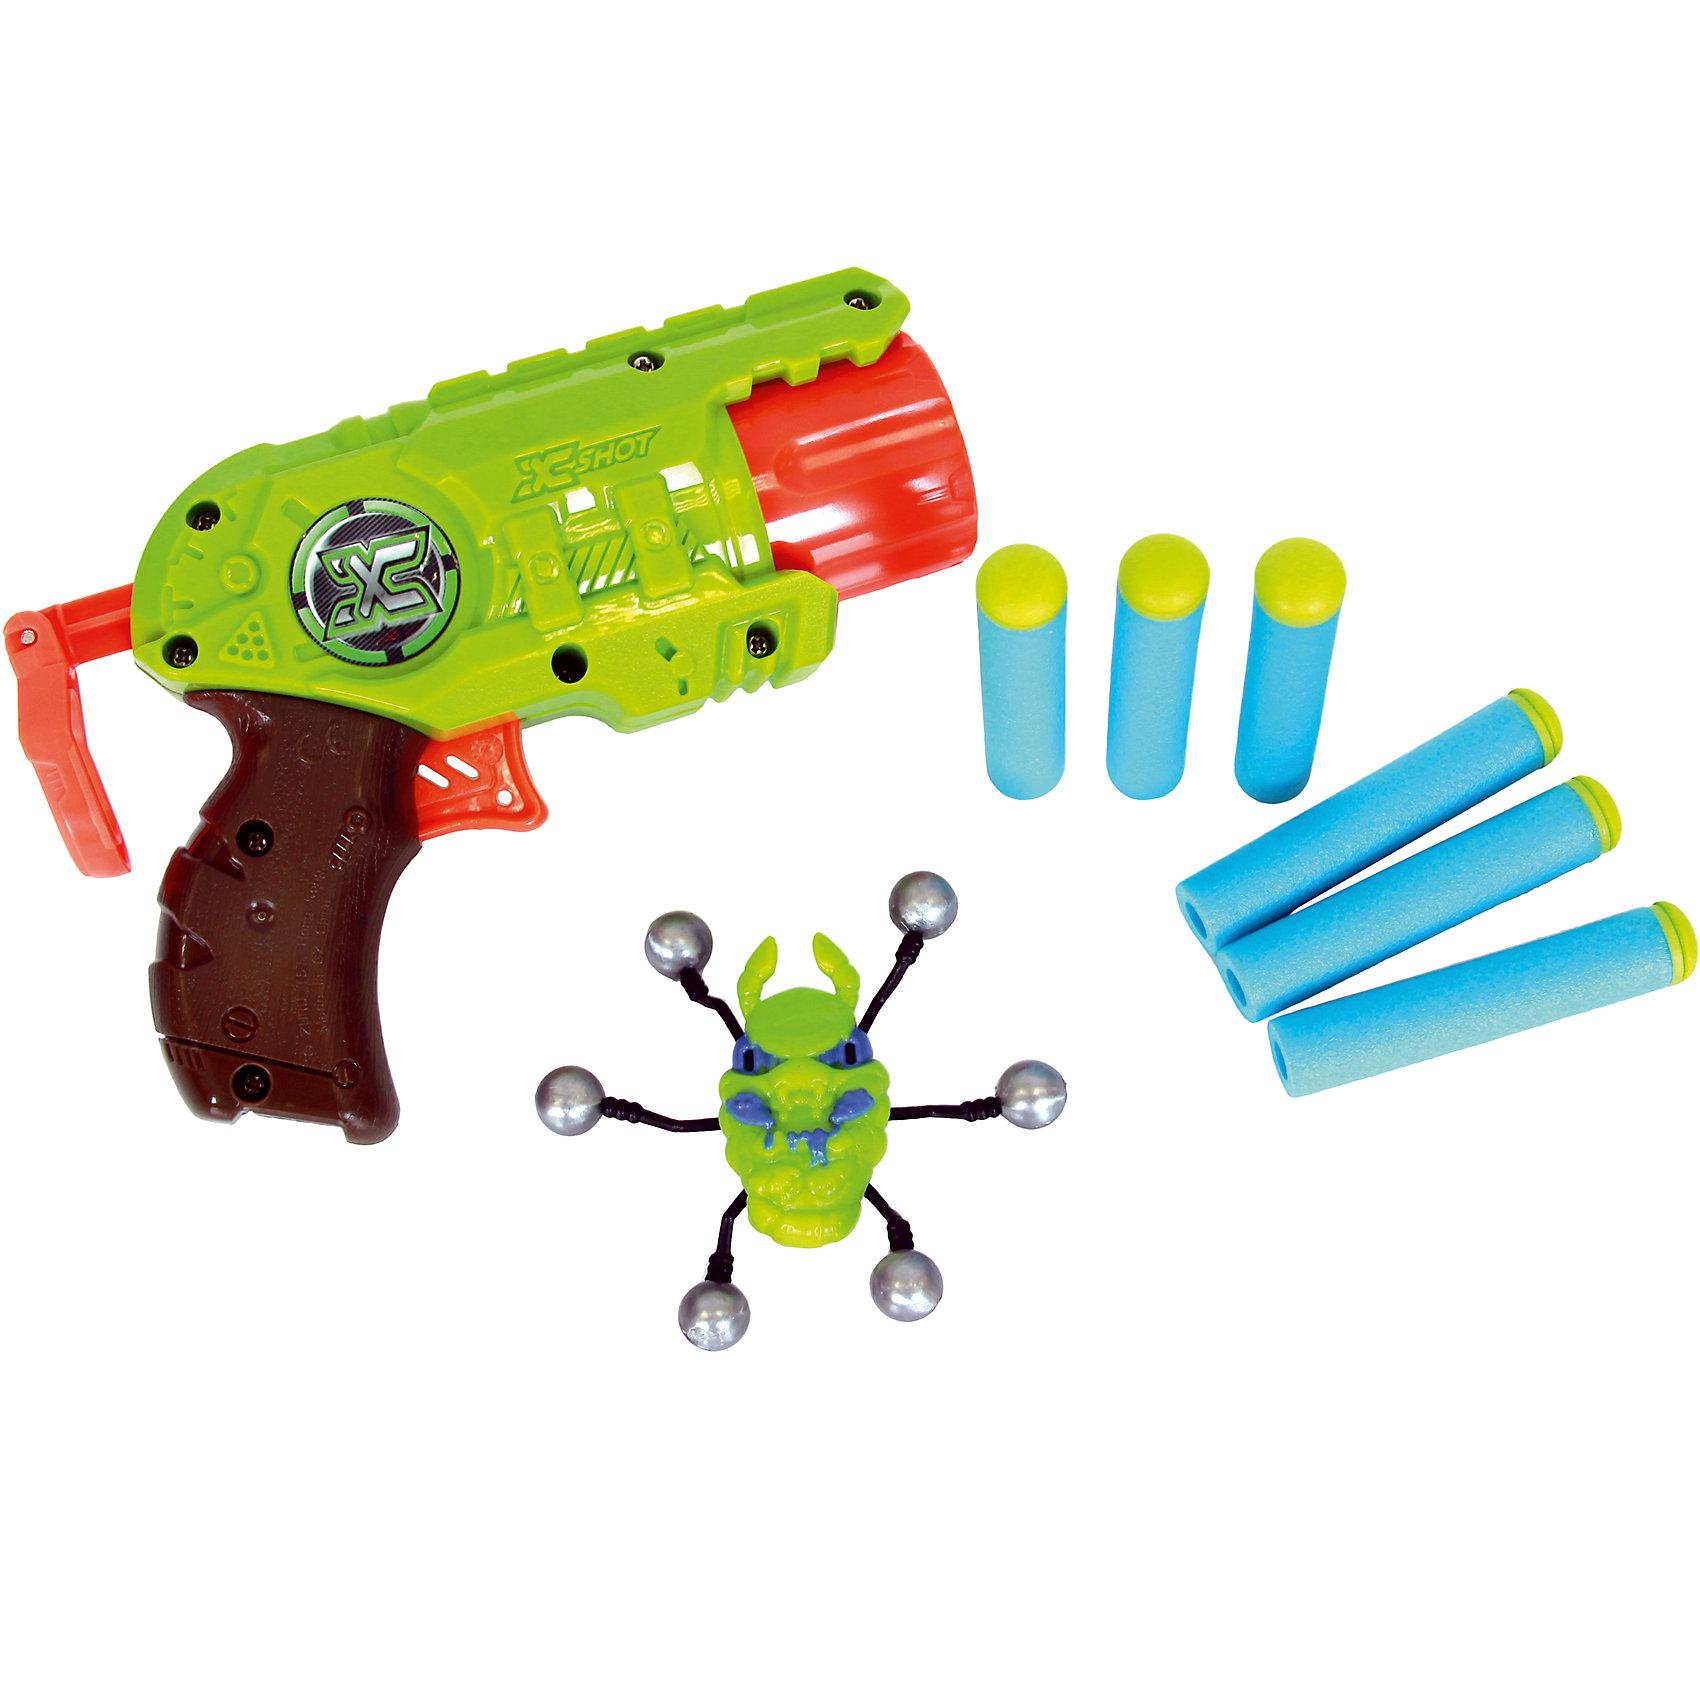 Микро-бластер с мишенями Атака Пауков, ZuruБластеры, пистолеты и прочее<br>Микро-бластер с мишенями Атака Пауков, Zuru (Зуру)<br><br>Характеристики:<br><br>• бластер заряжается тремя патронами<br>• паук медленно сползает по стене<br>• безопасно при попадании в человека<br>• тренирует координацию движений, меткость и ловкость<br>• в комплекте: бластер, 6 патронов, паук<br>• материал: пластик, вспененная резина EPDM<br>• размер бластера: 26х15х6 см<br>• размер упаковки: 30х6 см<br><br>Микро-бластер поможет ребенку легко отбить атаку пауков! В набор входят 6 патронов и один паучок. Прикрепите паука к стене - игра начинается! Цель игры - сбить паука из бластера, пока он медленно сползает по стене. Бластер можно зарядить тремя патронами. Эта игра поможет развить меткость и координацию движений. Охота на маленьких пауков не даст ребенку заскучать!<br><br>Микро-бластер с мишенями Атака Пауков, Zuru (Зуру) вы можете купить в нашем интернет-магазине.<br><br>Ширина мм: 300<br>Глубина мм: 60<br>Высота мм: 195<br>Вес г: 430<br>Возраст от месяцев: 36<br>Возраст до месяцев: 2147483647<br>Пол: Мужской<br>Возраст: Детский<br>SKU: 5508264